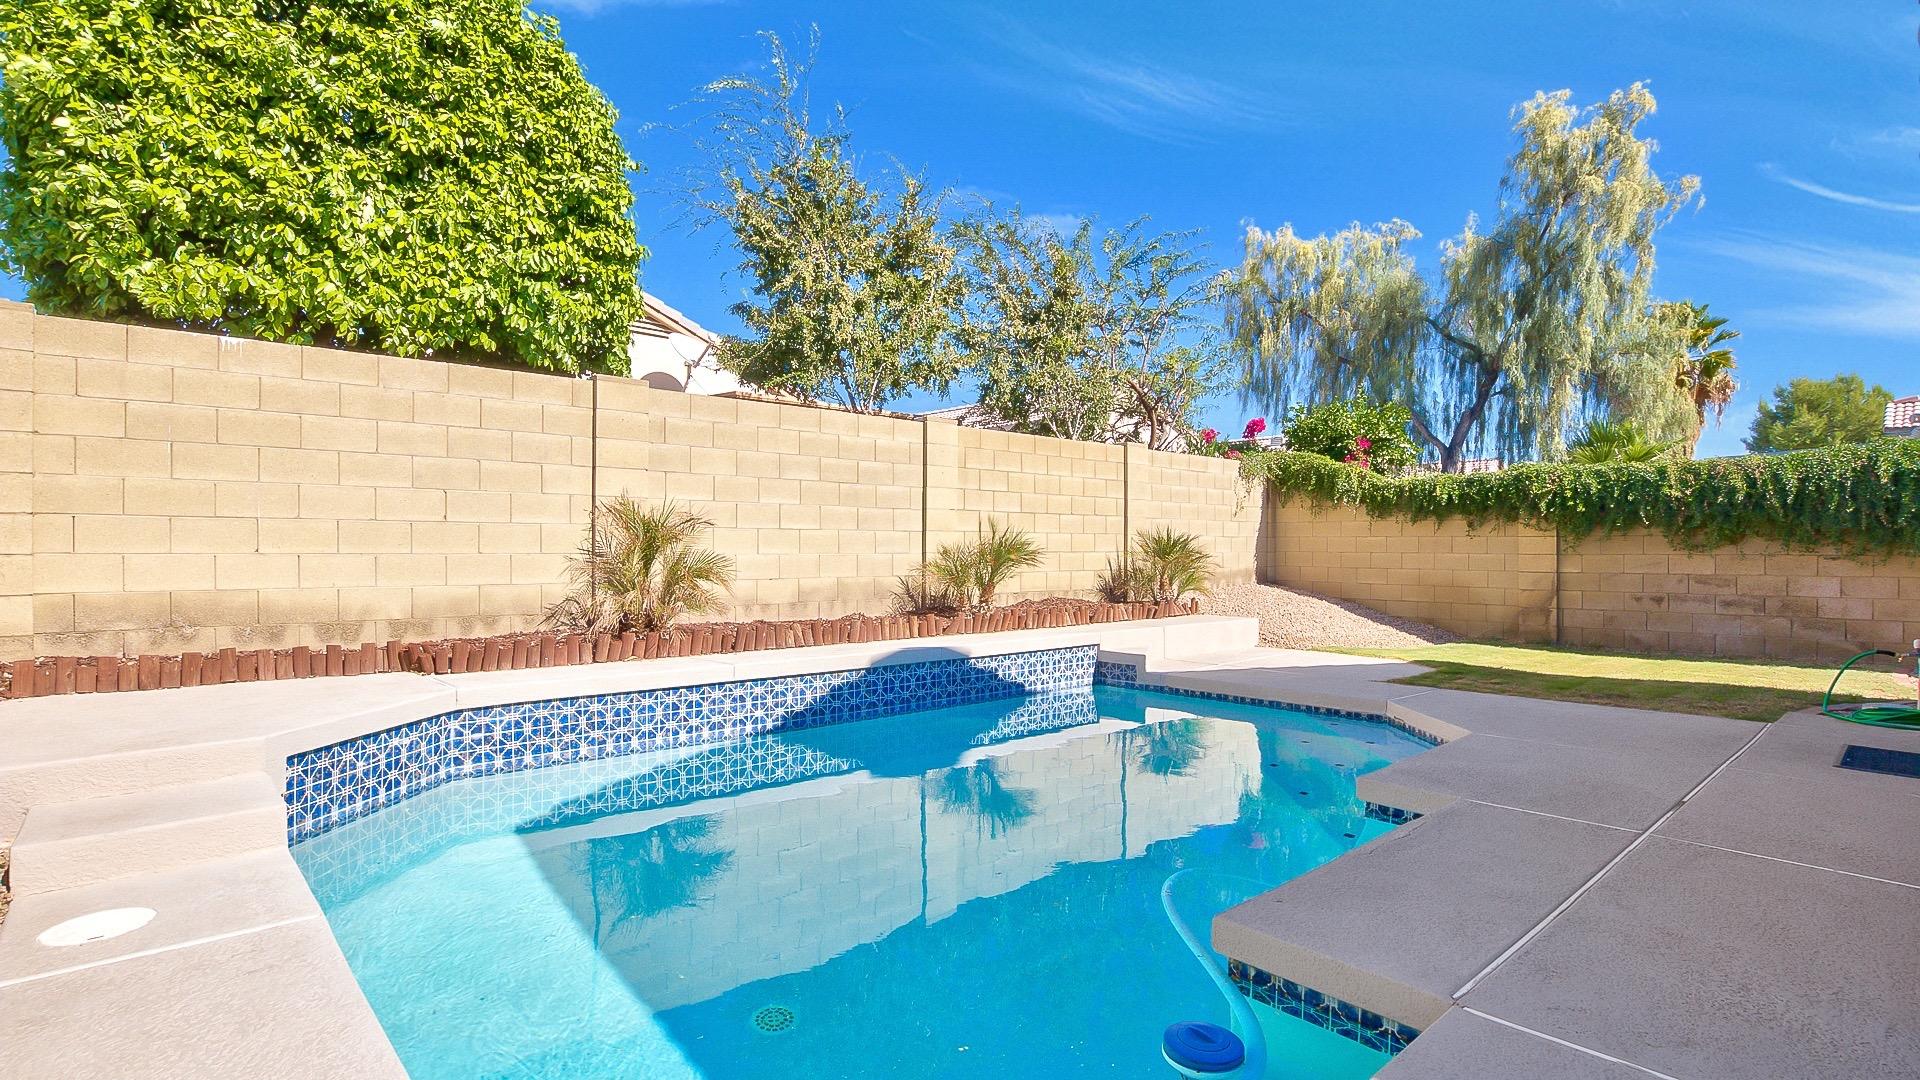 100 home design 85032 3044 e corrine dr phoenix az for Home design 85032